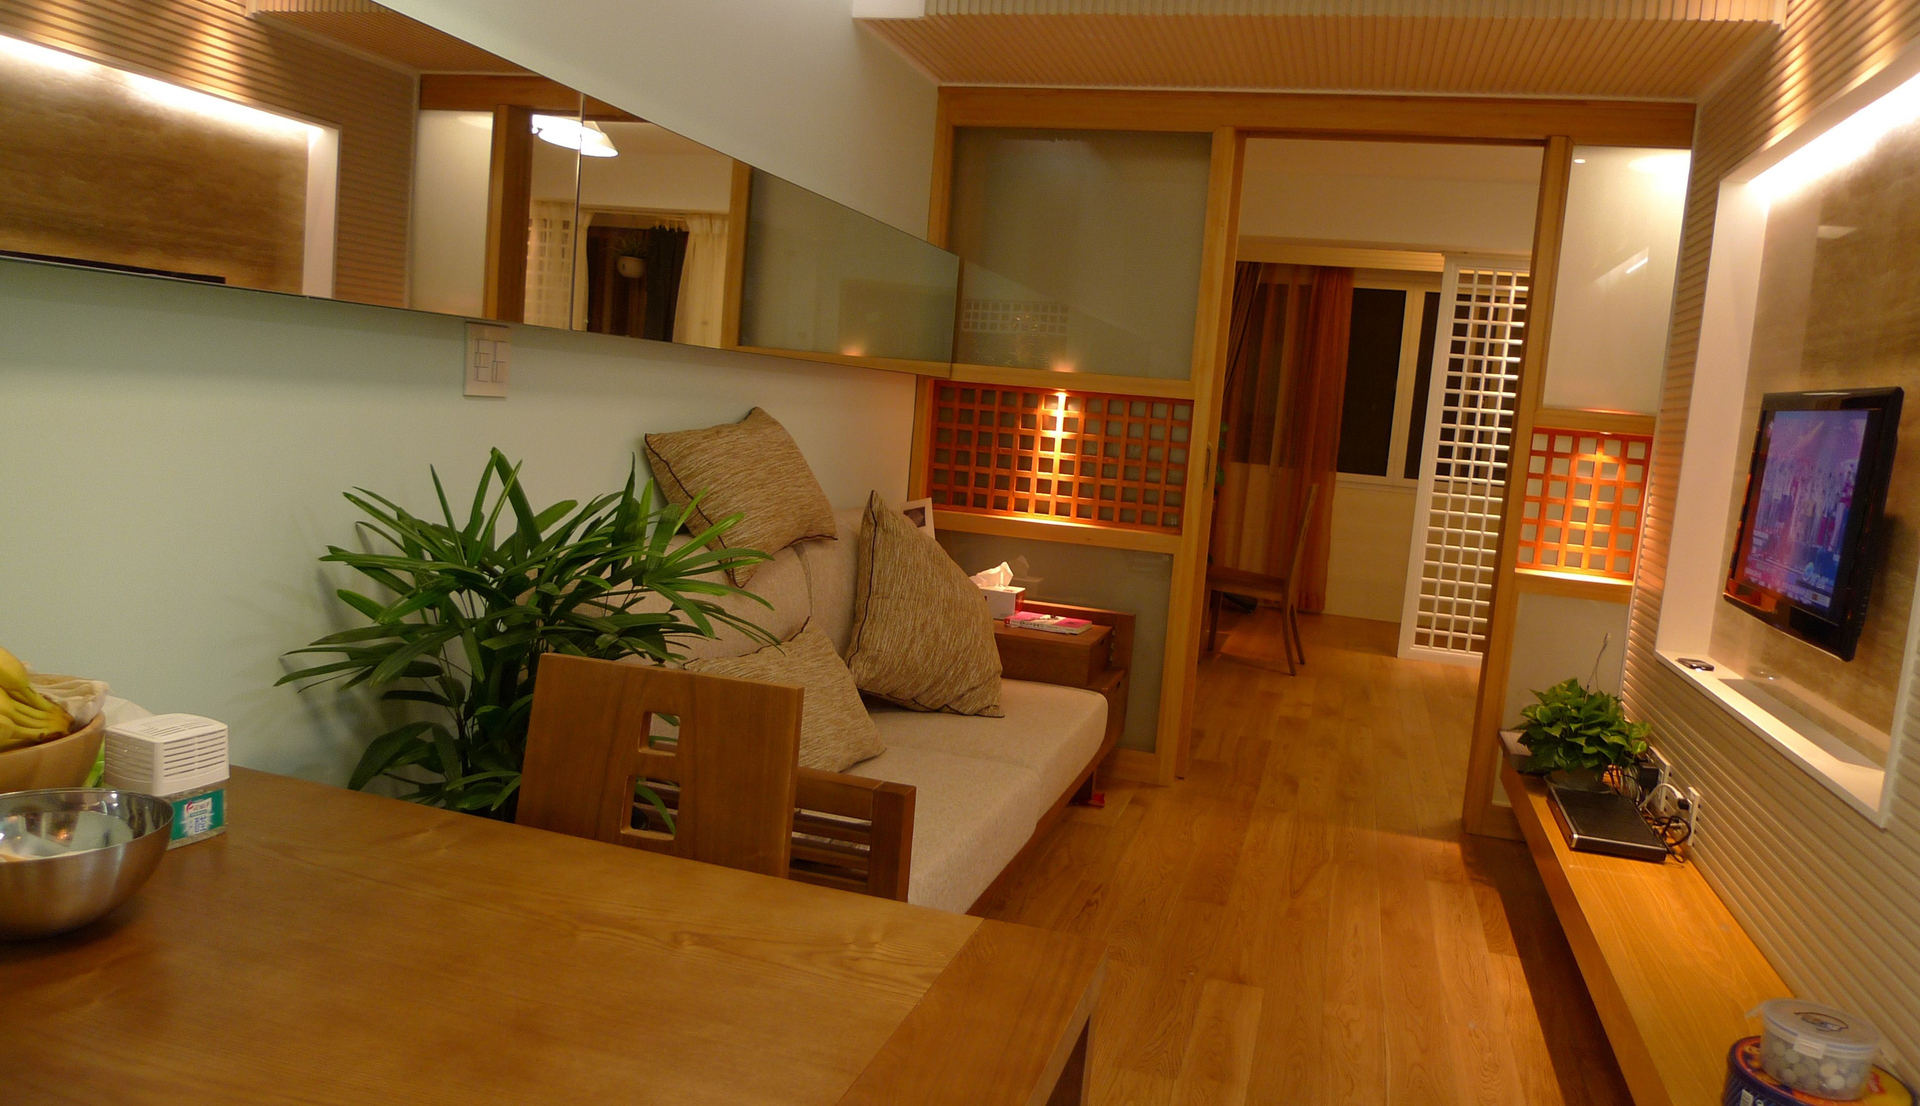 简约日式风客厅背景墙效果图